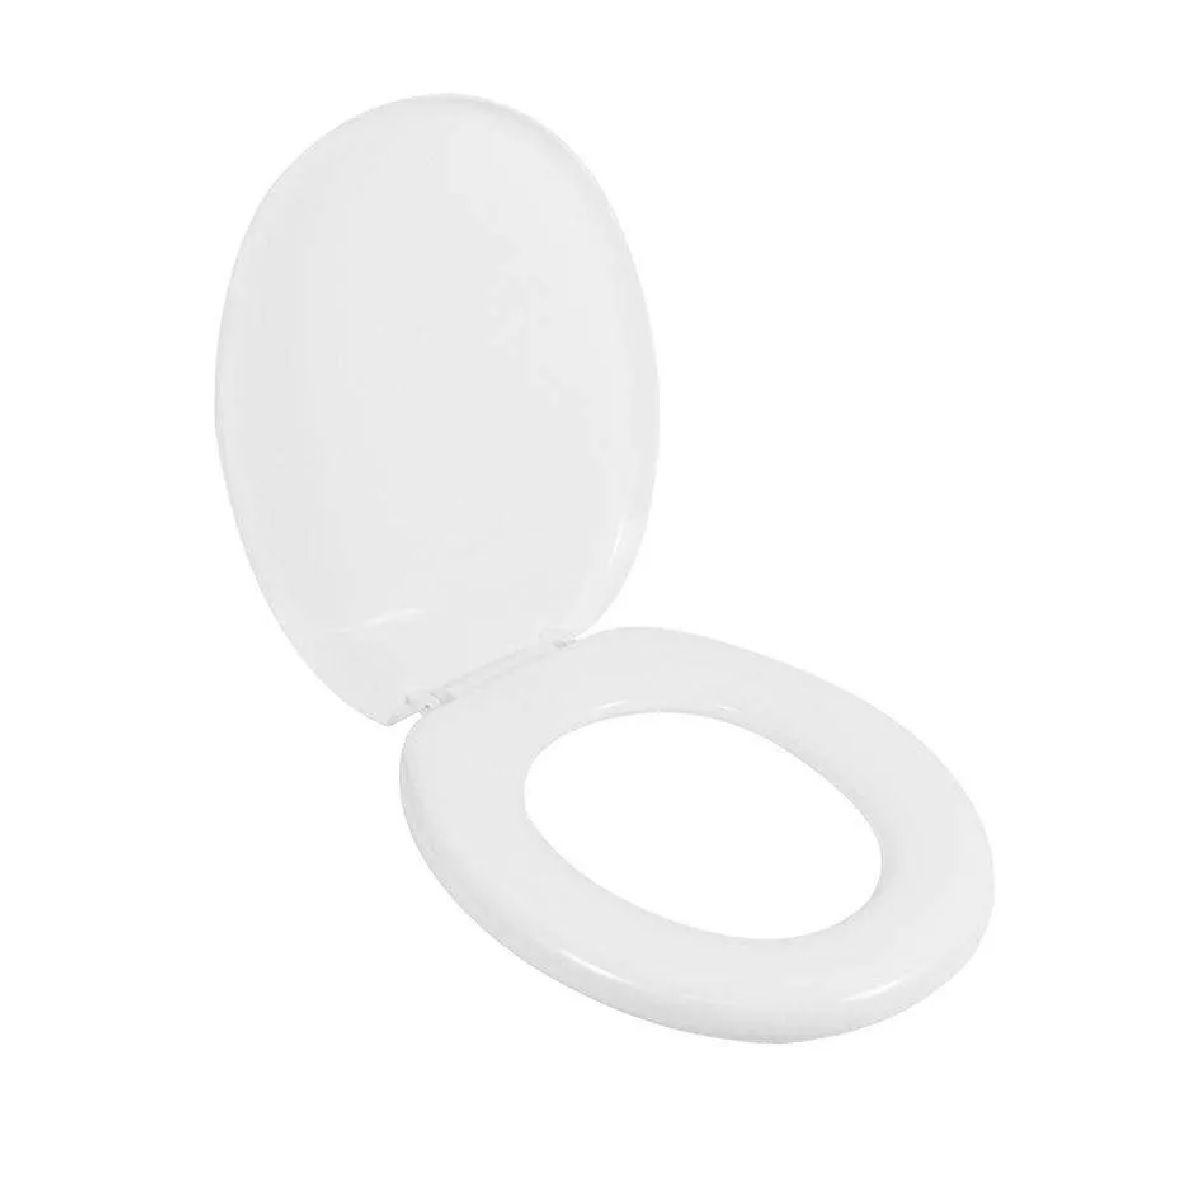 Assento Sanitário Almofadado Oval Branco Astra TPK/AS